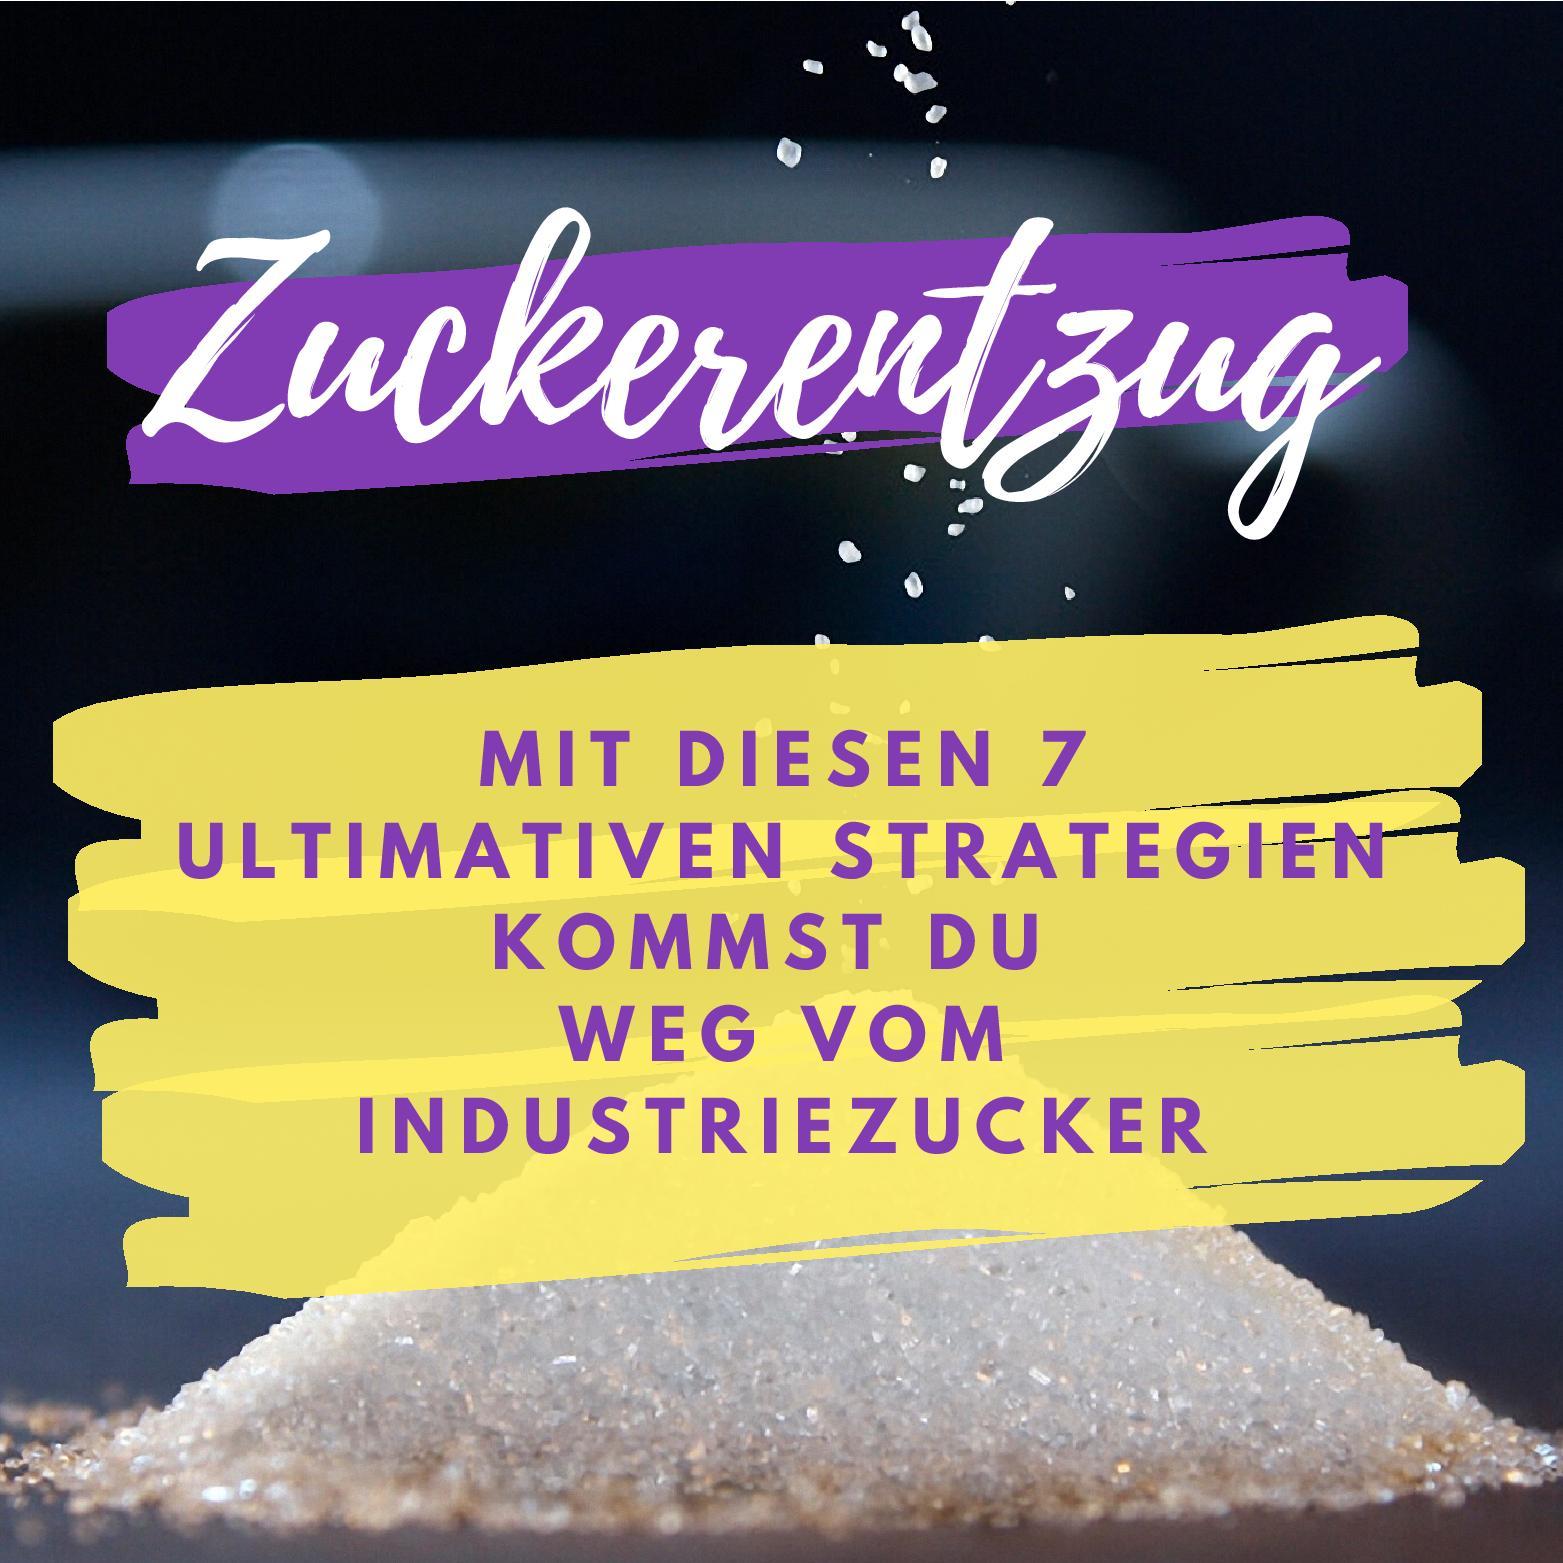 Zuckerentzug-Zuckerfalle-weniger Zucker-weg vom Industriezucker